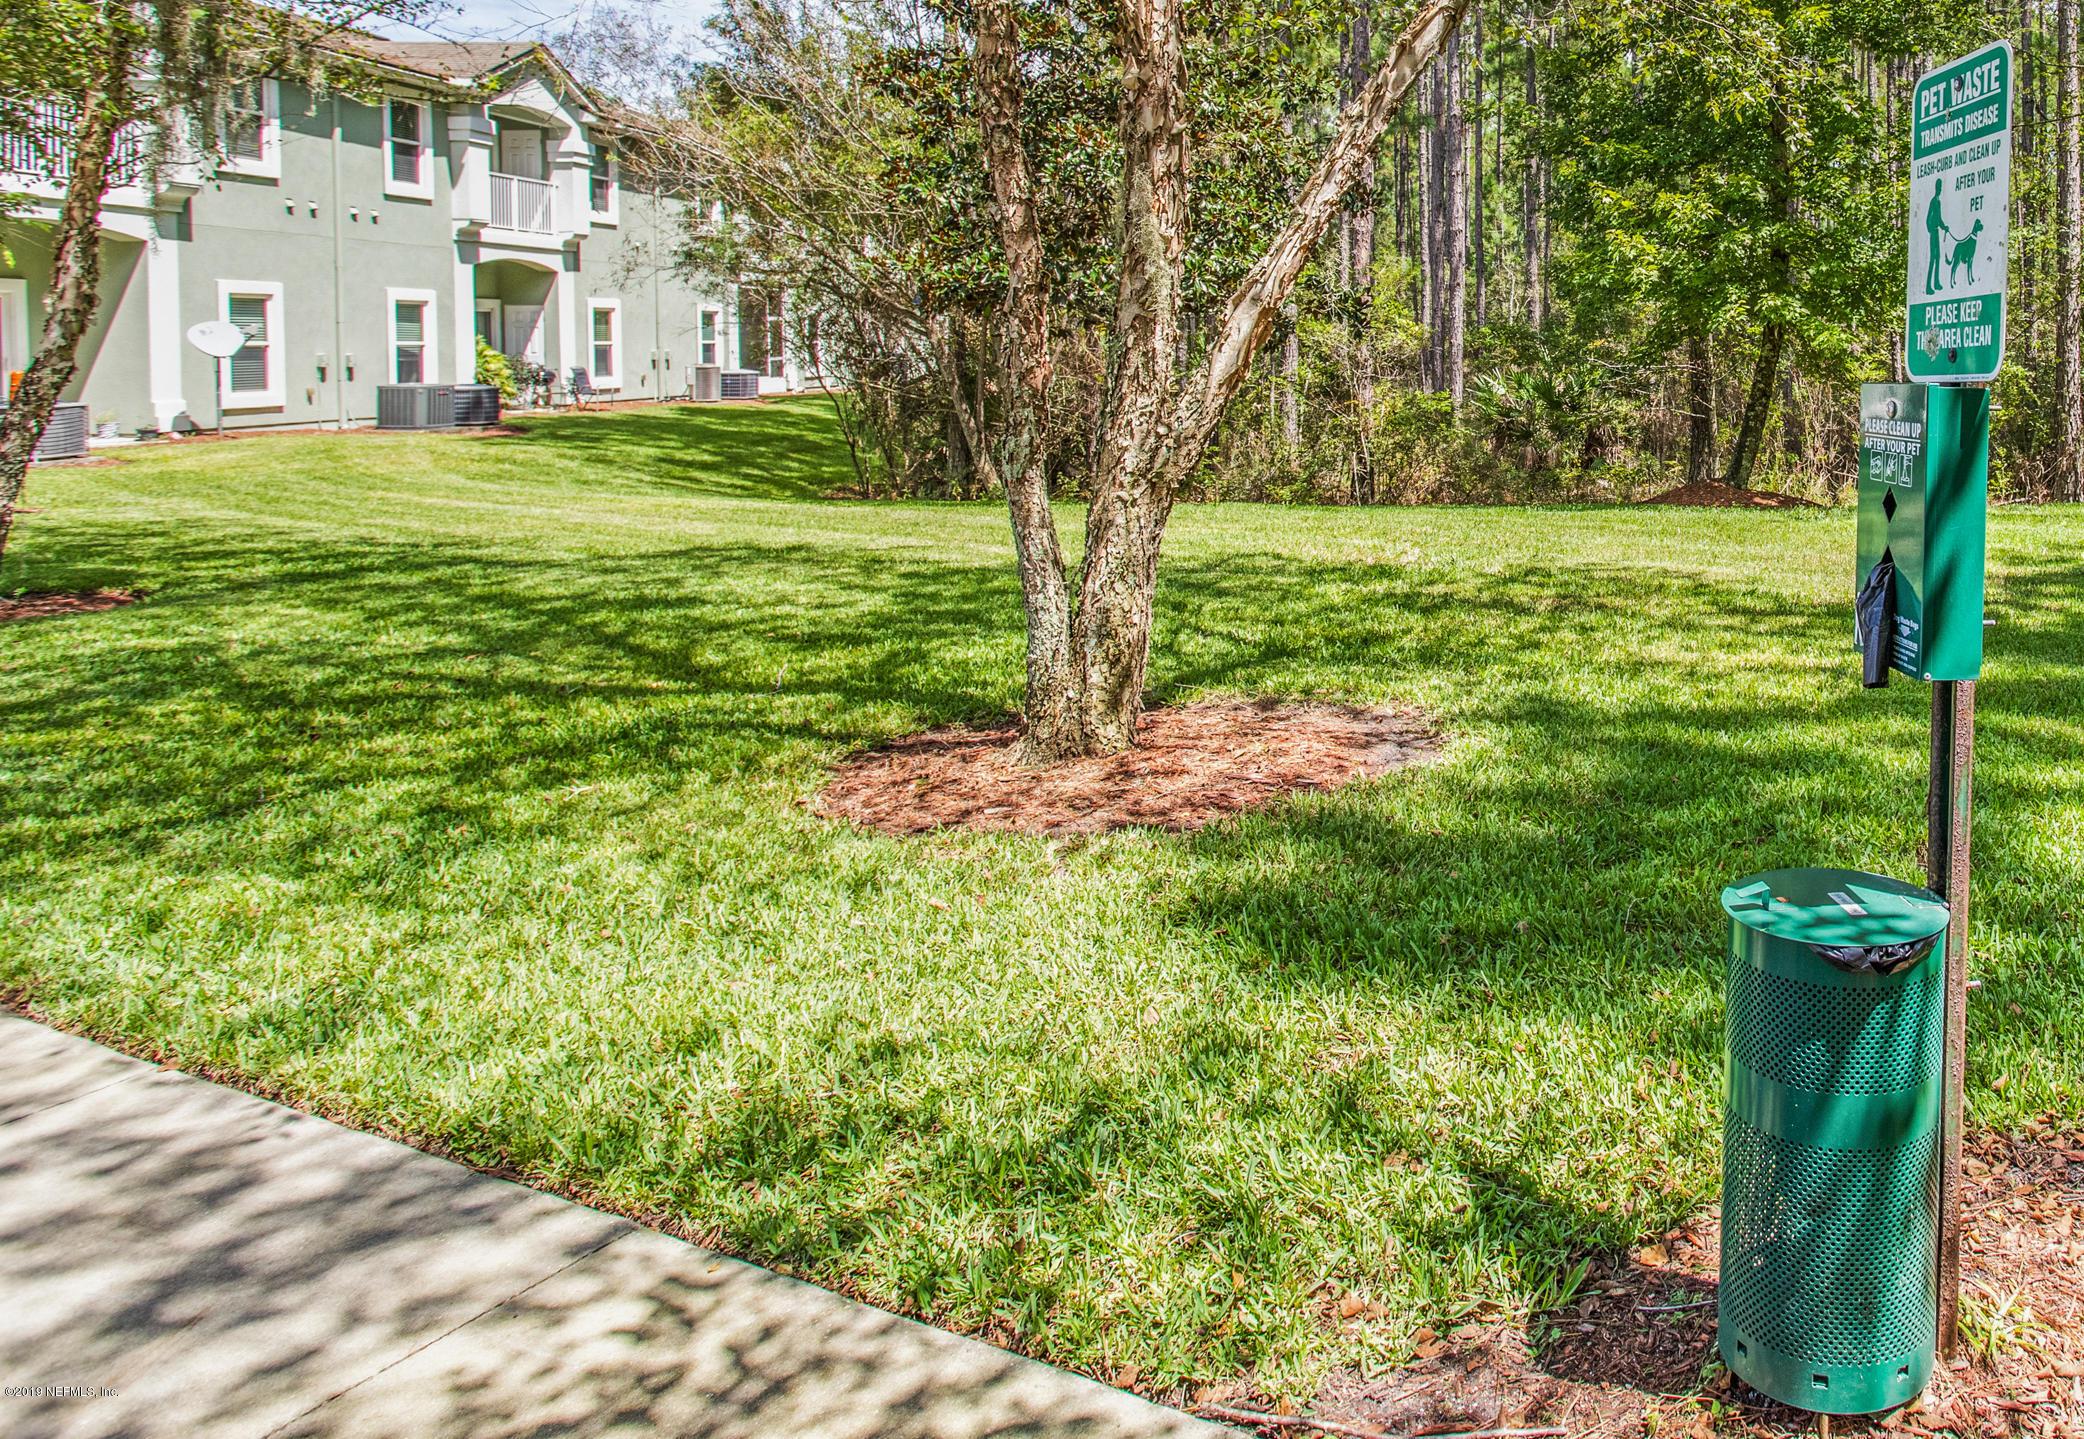 100 BRANNAN, ST JOHNS, FLORIDA 32259, 2 Bedrooms Bedrooms, ,2 BathroomsBathrooms,Condo,For sale,BRANNAN,1012695